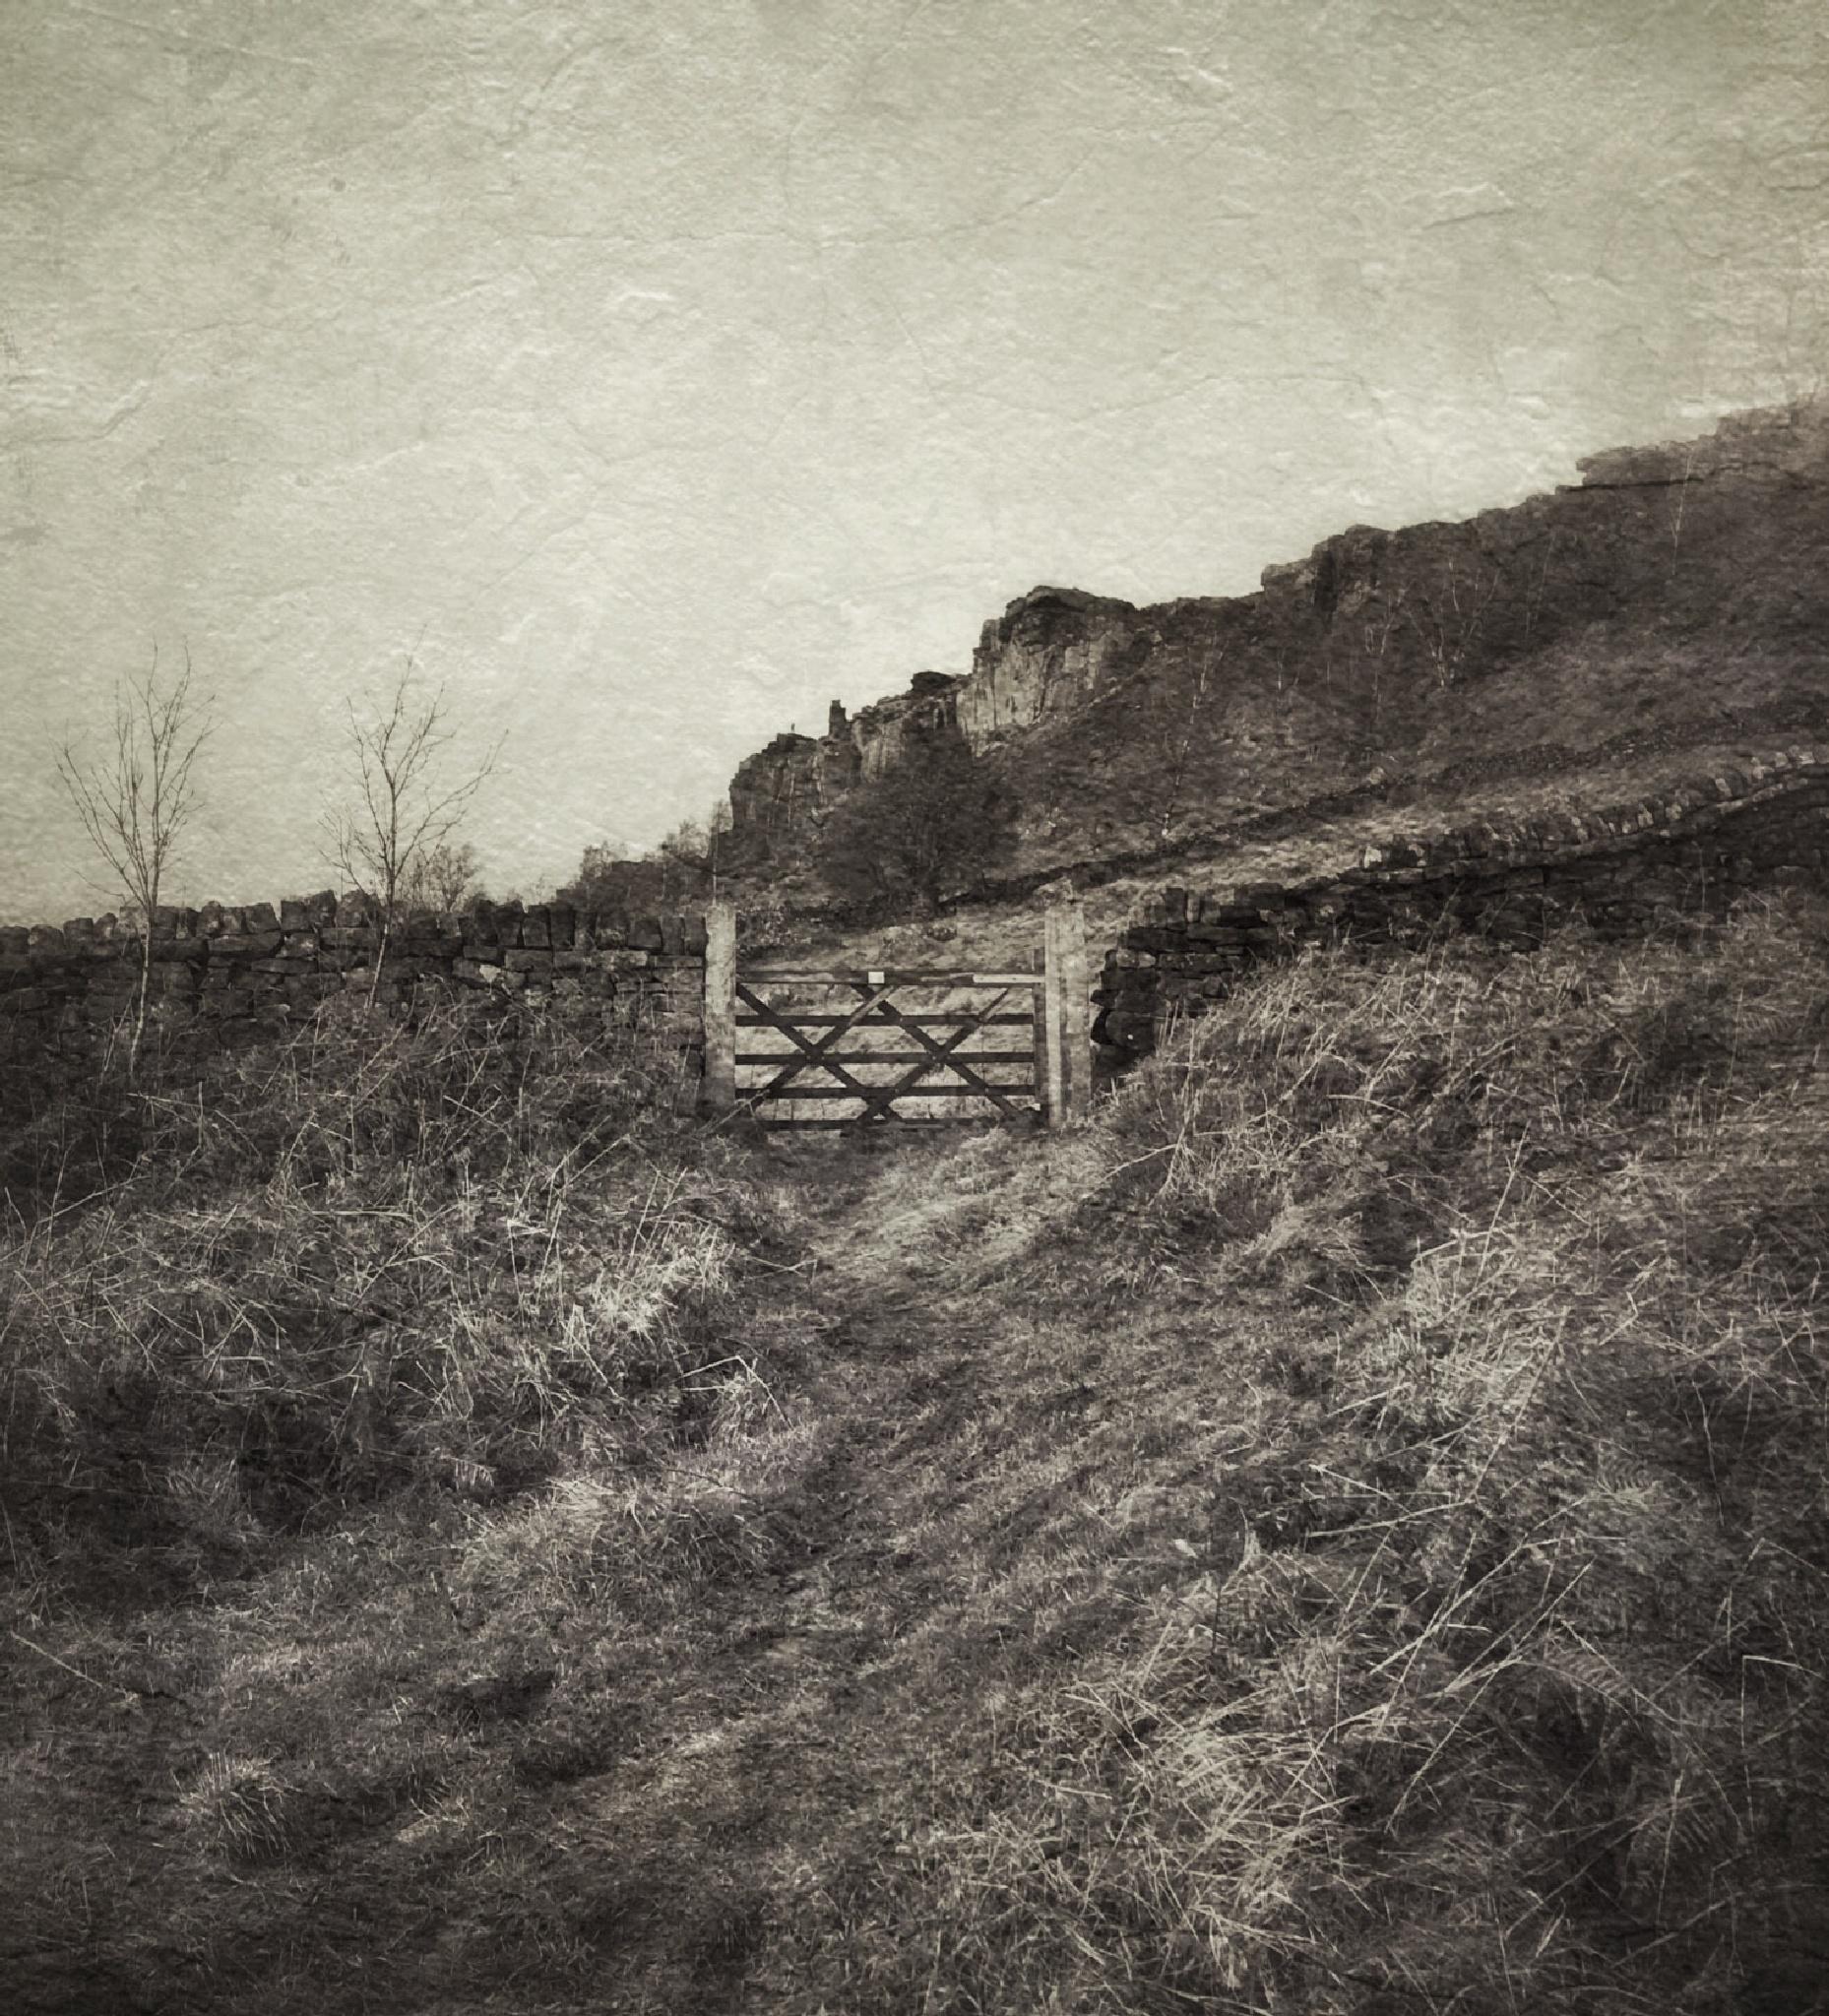 Gate to Curbar Edge by David Hawkes